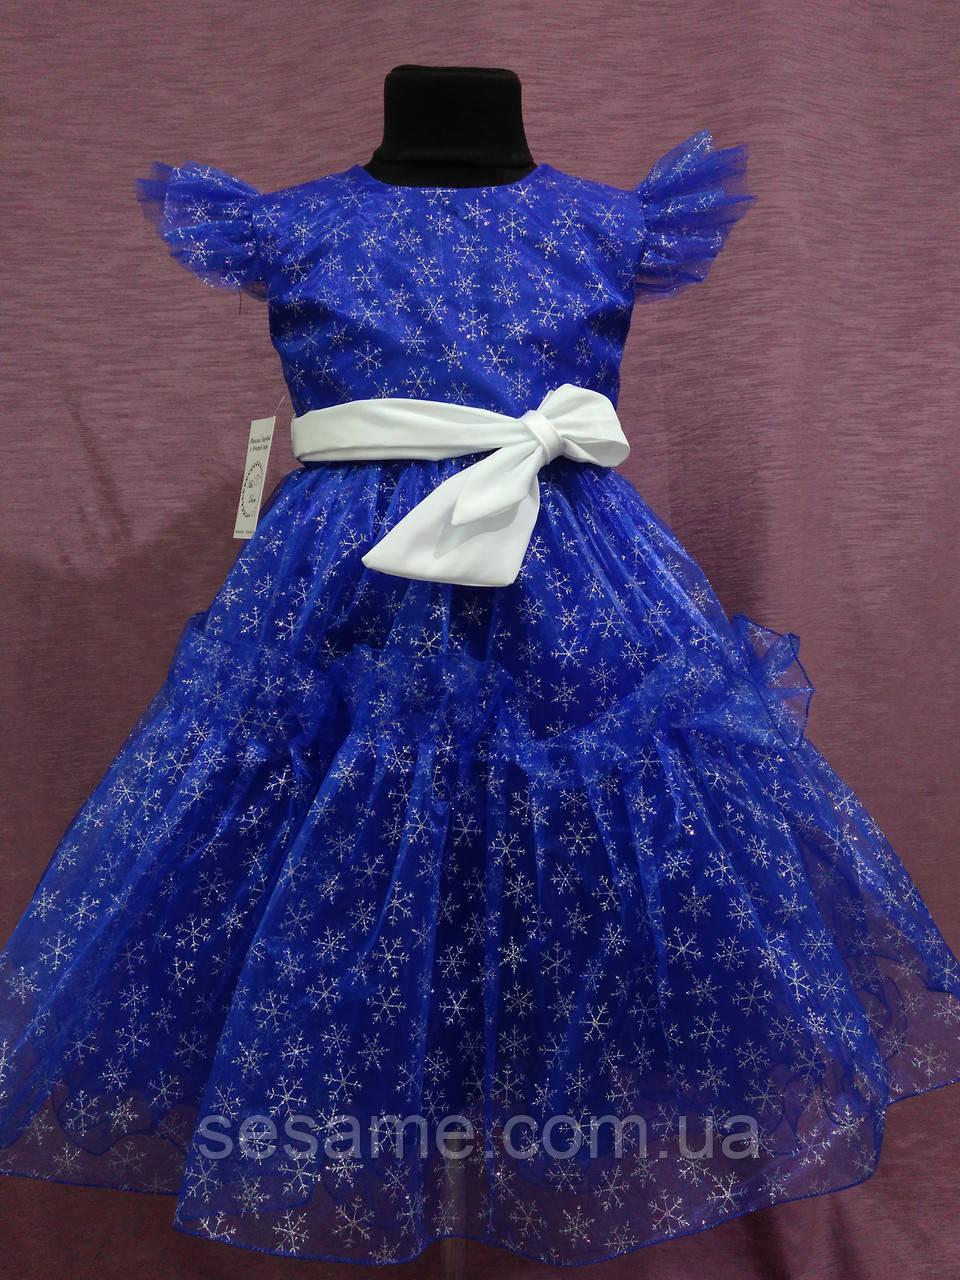 Платье детское нарядное на 4-6 лет синее